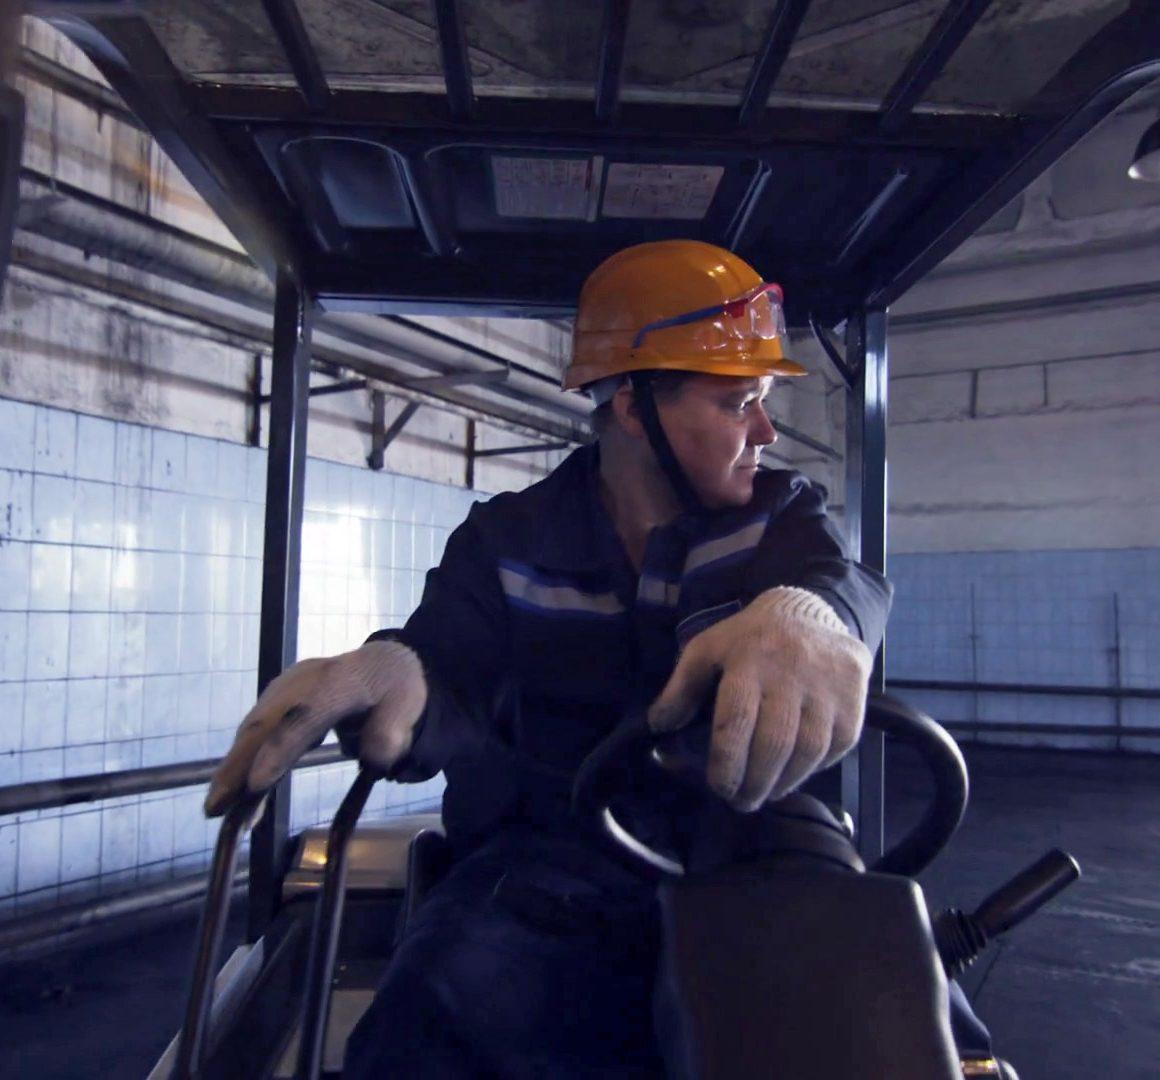 4 factores que pueden dañar la salud de los operadores de montacargas